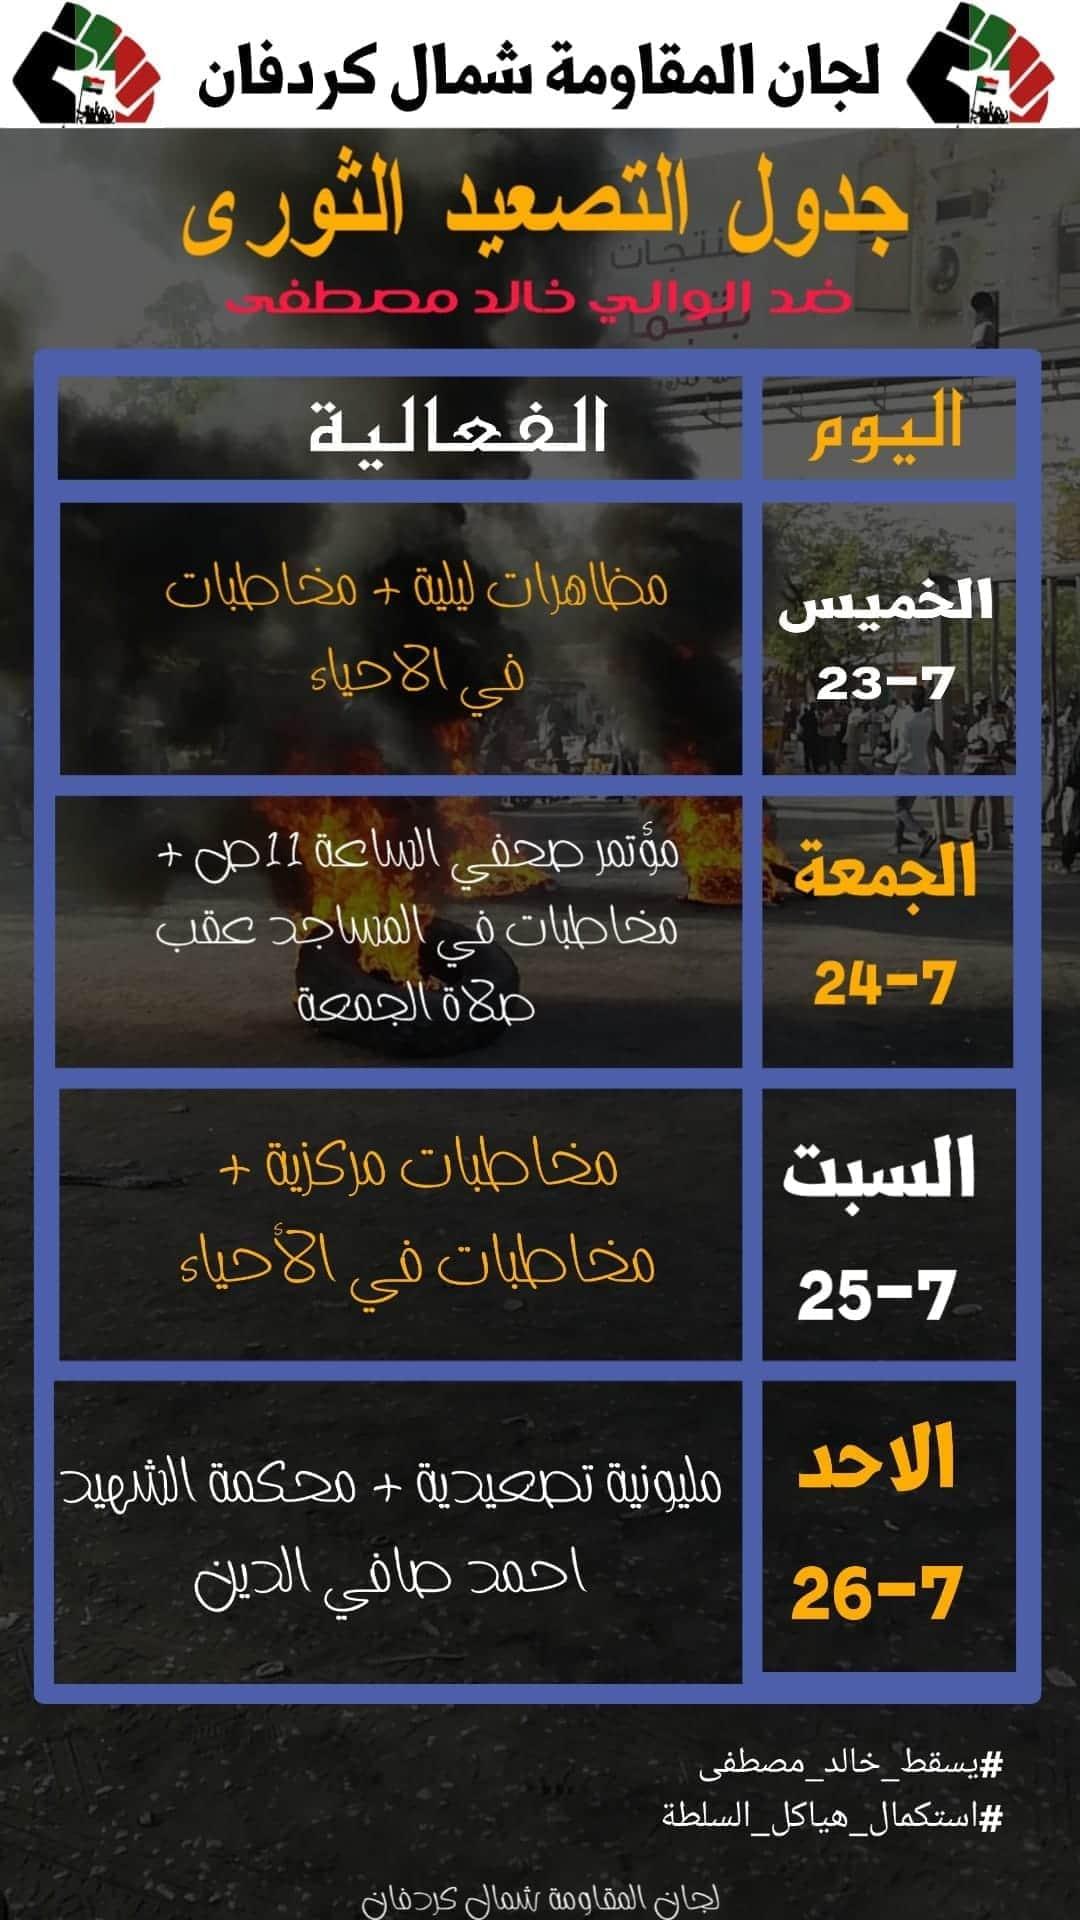 بالصورة: لجان مقاومة شمال كردفان تُعلن عن جدولها التصعيدي ضد قرار تعيين الوالي خالد مصطفى